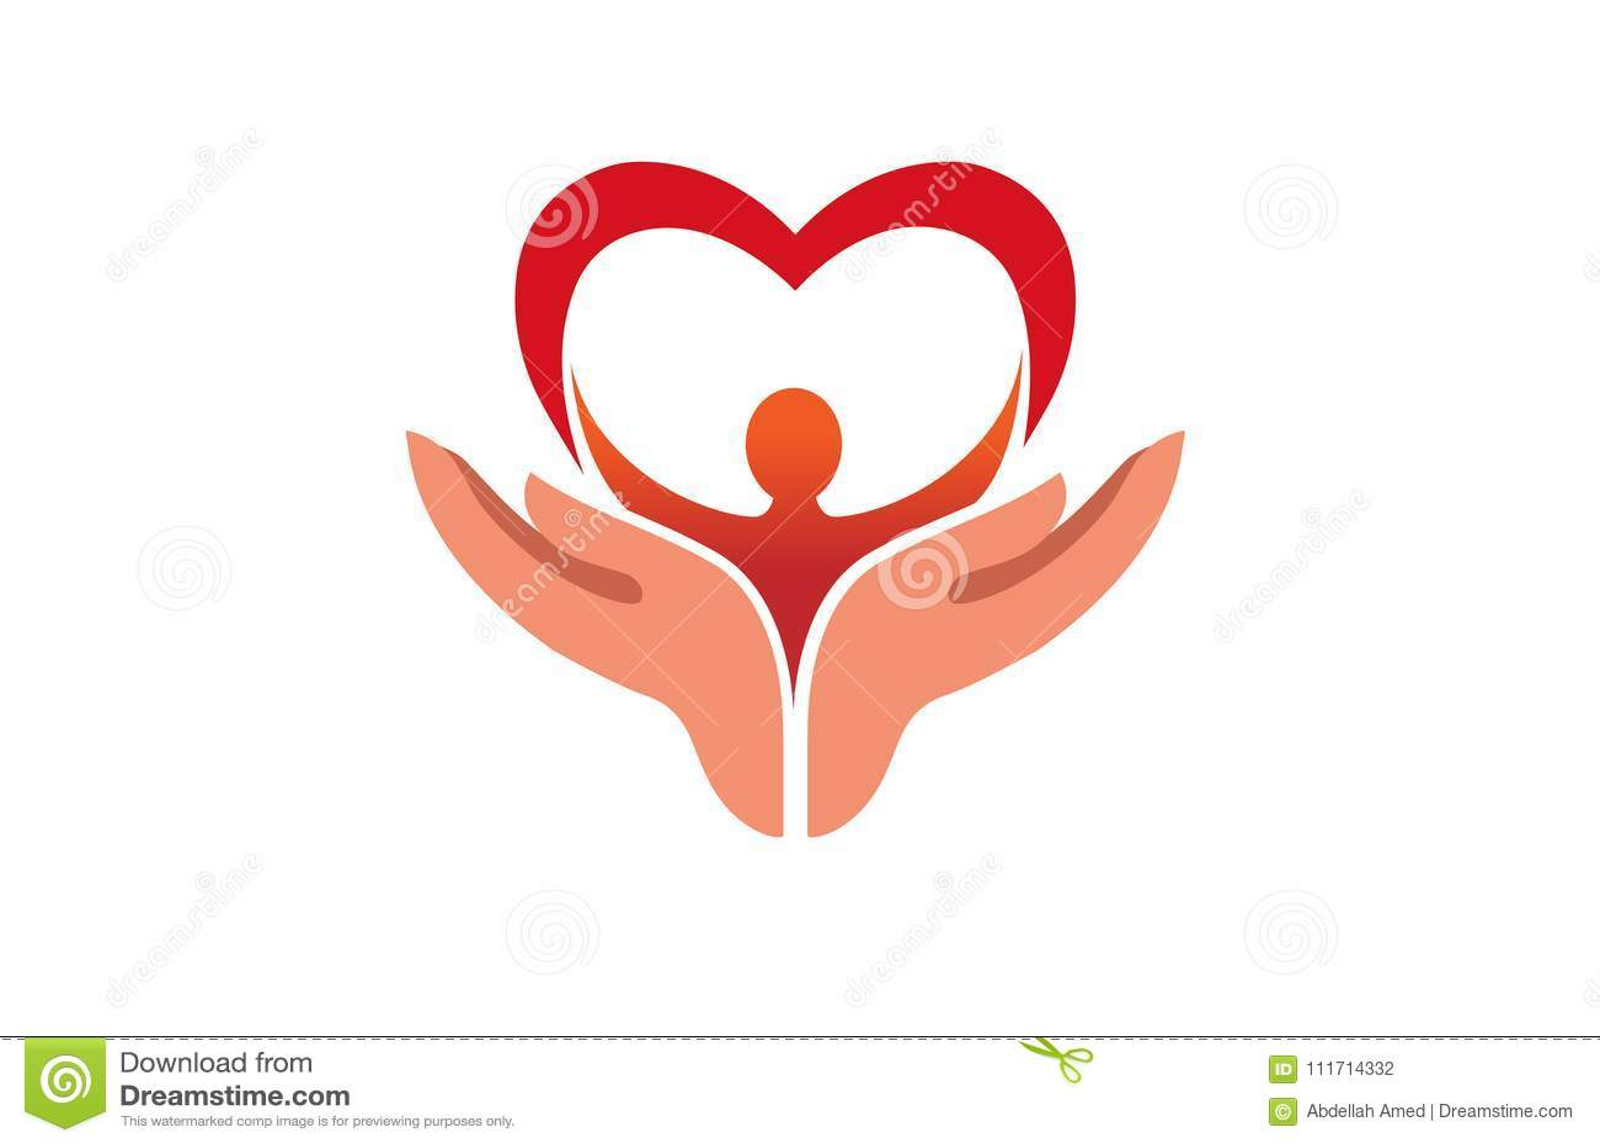 Kreative Hände, Die Menschlichen Körper Mit Herz-Symbol-Logo Halten ...